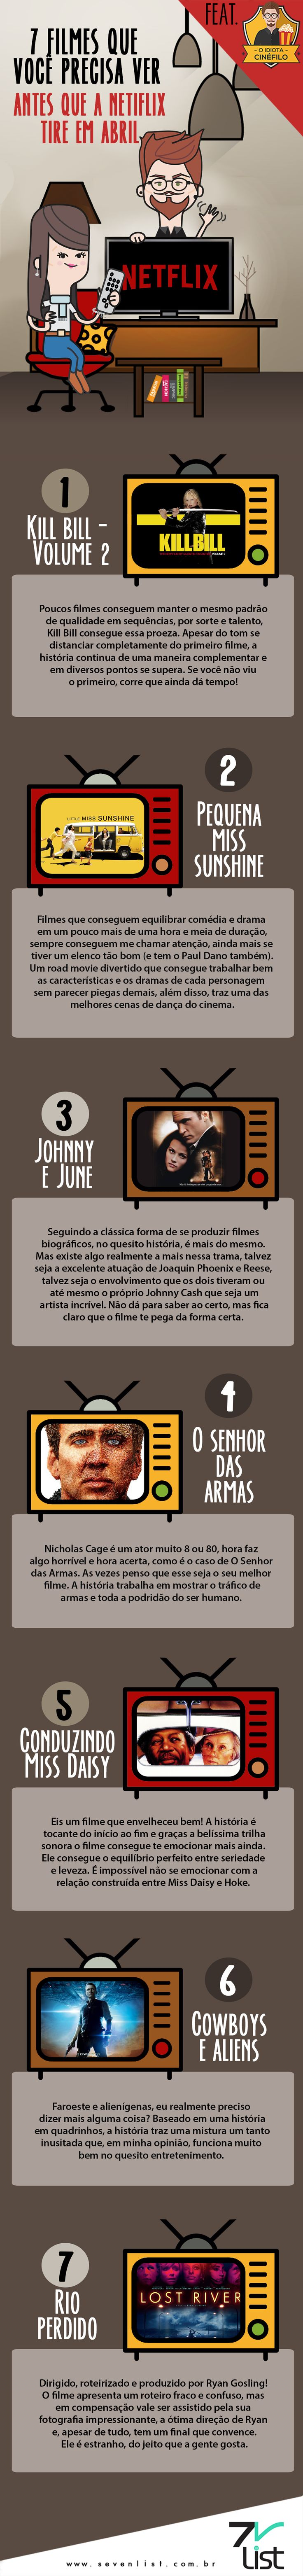 A Netflix já divulgou a lista de filmes que não farão mais parte do seu catálogo em abril. Já sabe quais são? Não? Fique tranquilo, o Idiota Cinéfilo separou 7 dos vários filmes que você precisa ver antes que a Netflix tire. #SevenList #Infographic #Infográfico #Ilustração #Illustration #List #Lista #Netflix #Filmes #Catálogo #Cartaz #Movie #KillBillvolume2 #Abril #PequenaMissSunshine #JohnnyeJune #SenhordasArmas #CondunzindoMissDayse #CowboyseAliens #Rioperdido